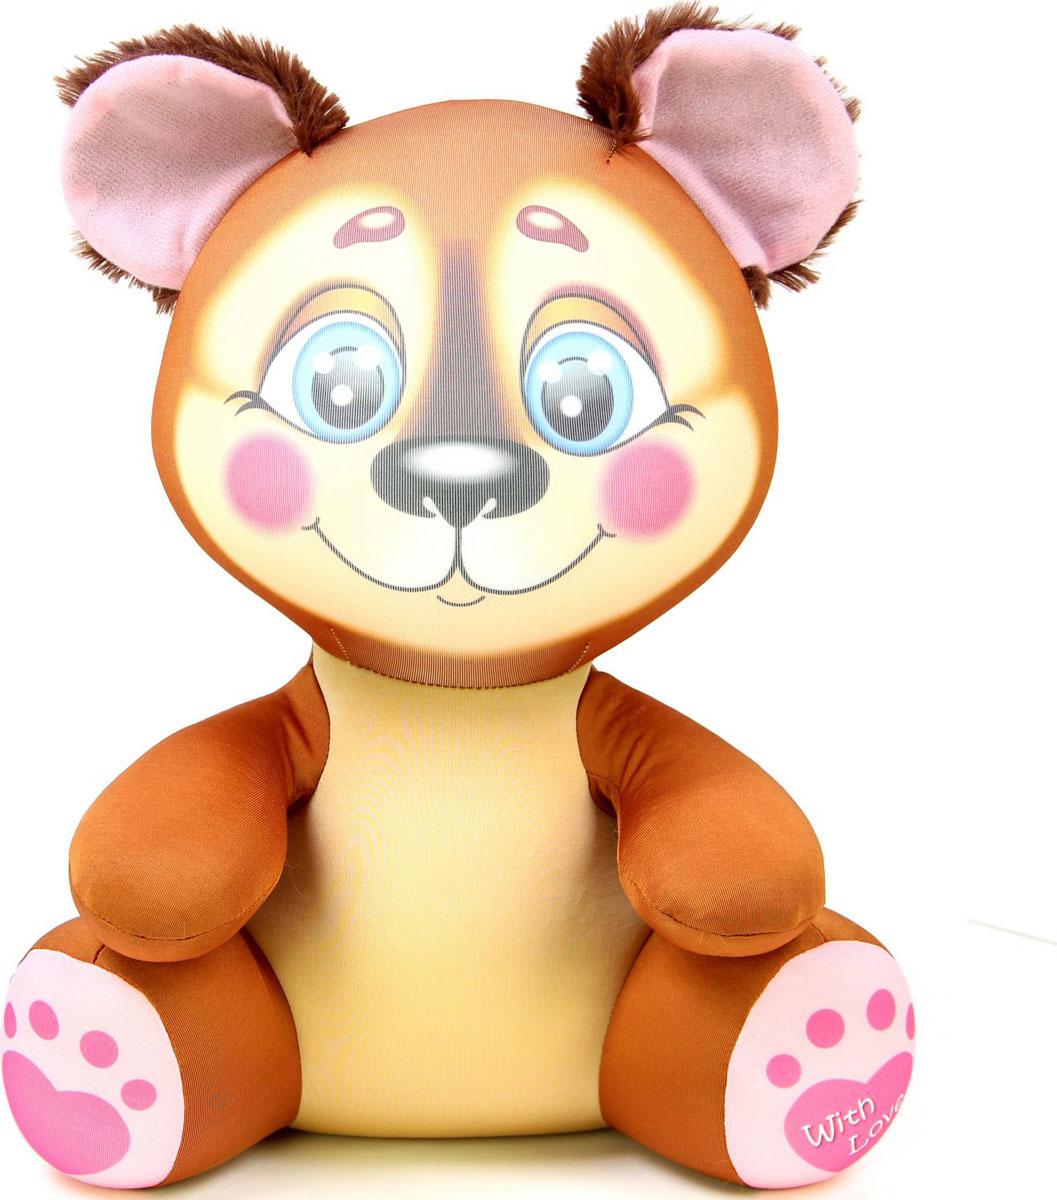 Подушка-игрушка антистрессовая Лапуши. Медведь, коричневый